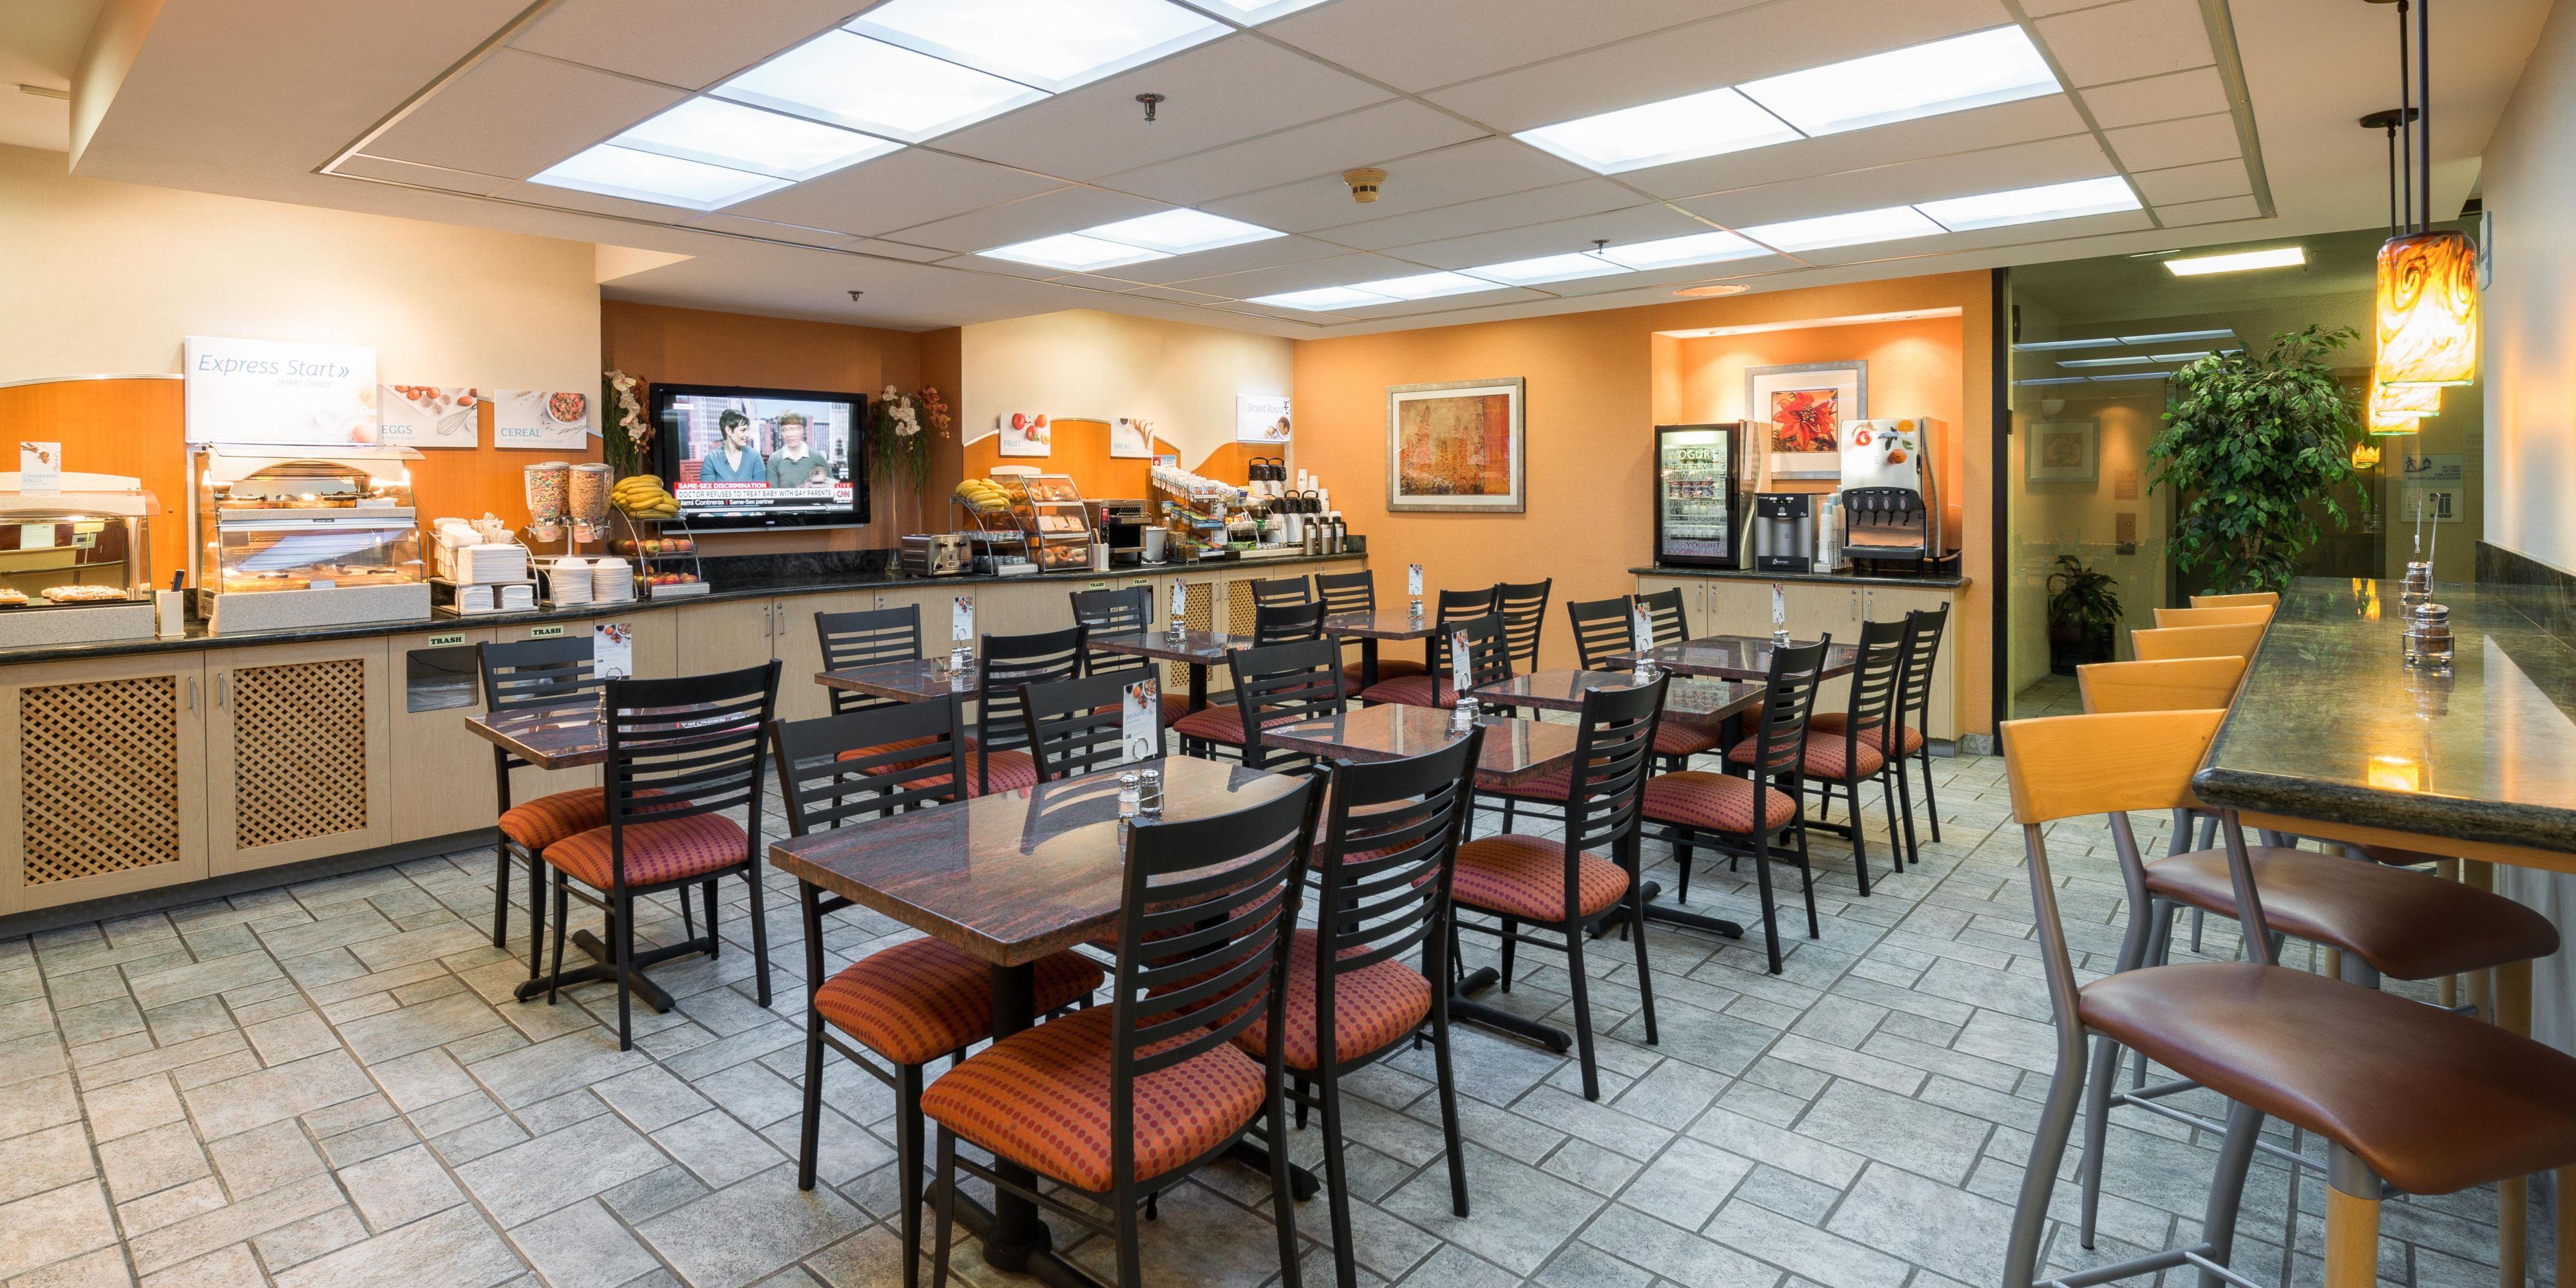 Holiday Inn Express And Suites Santa Clara 4031407904